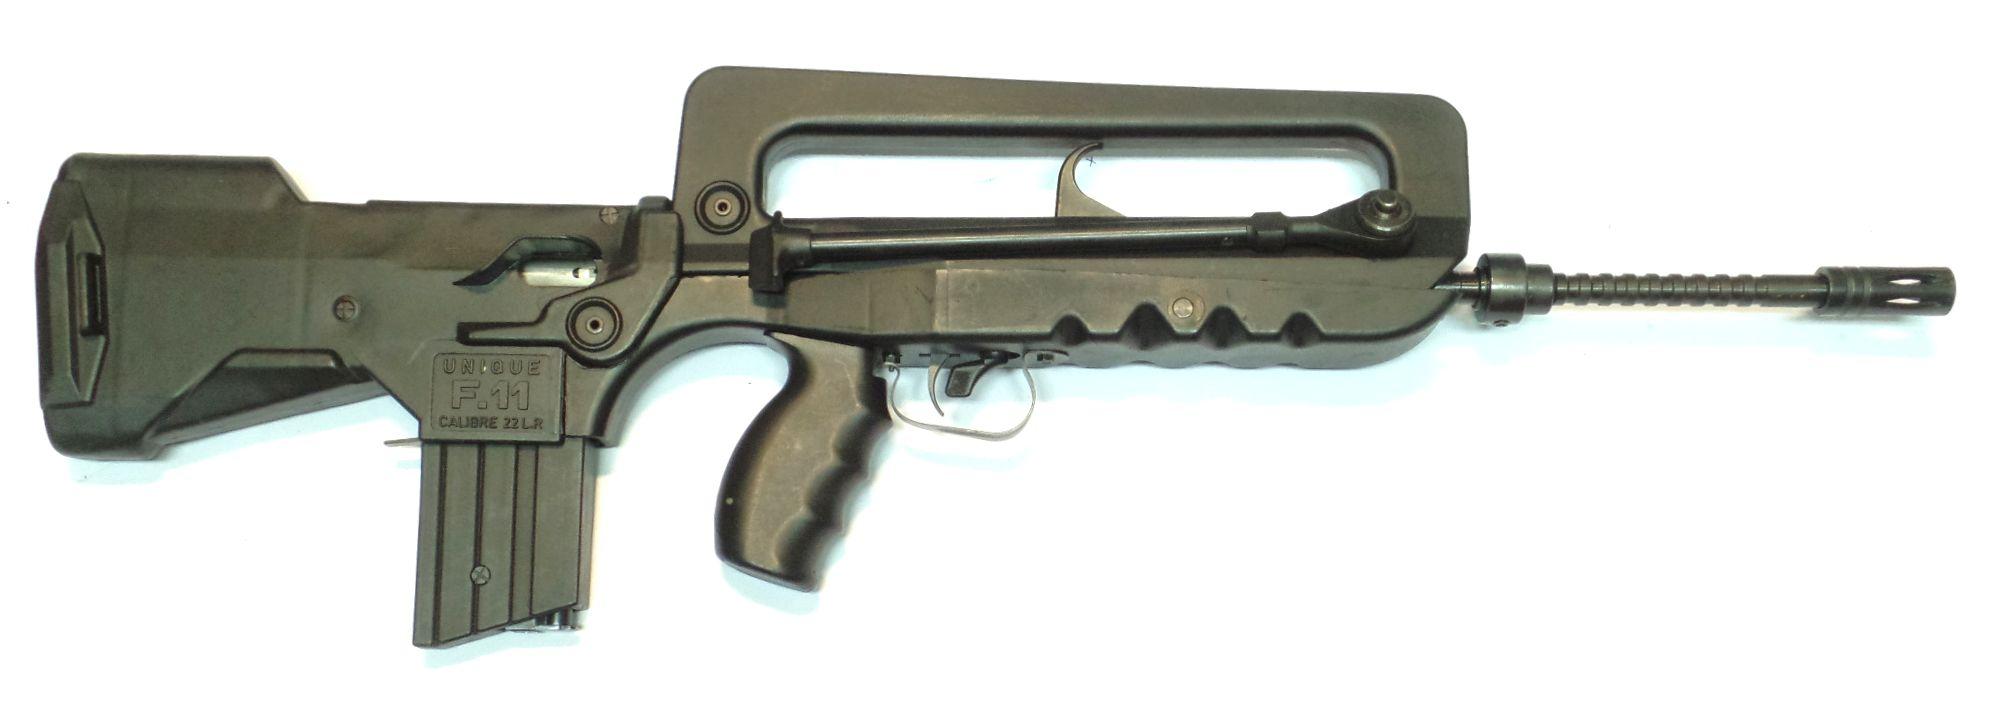 Unique F11 (Famas) calibre 22LR